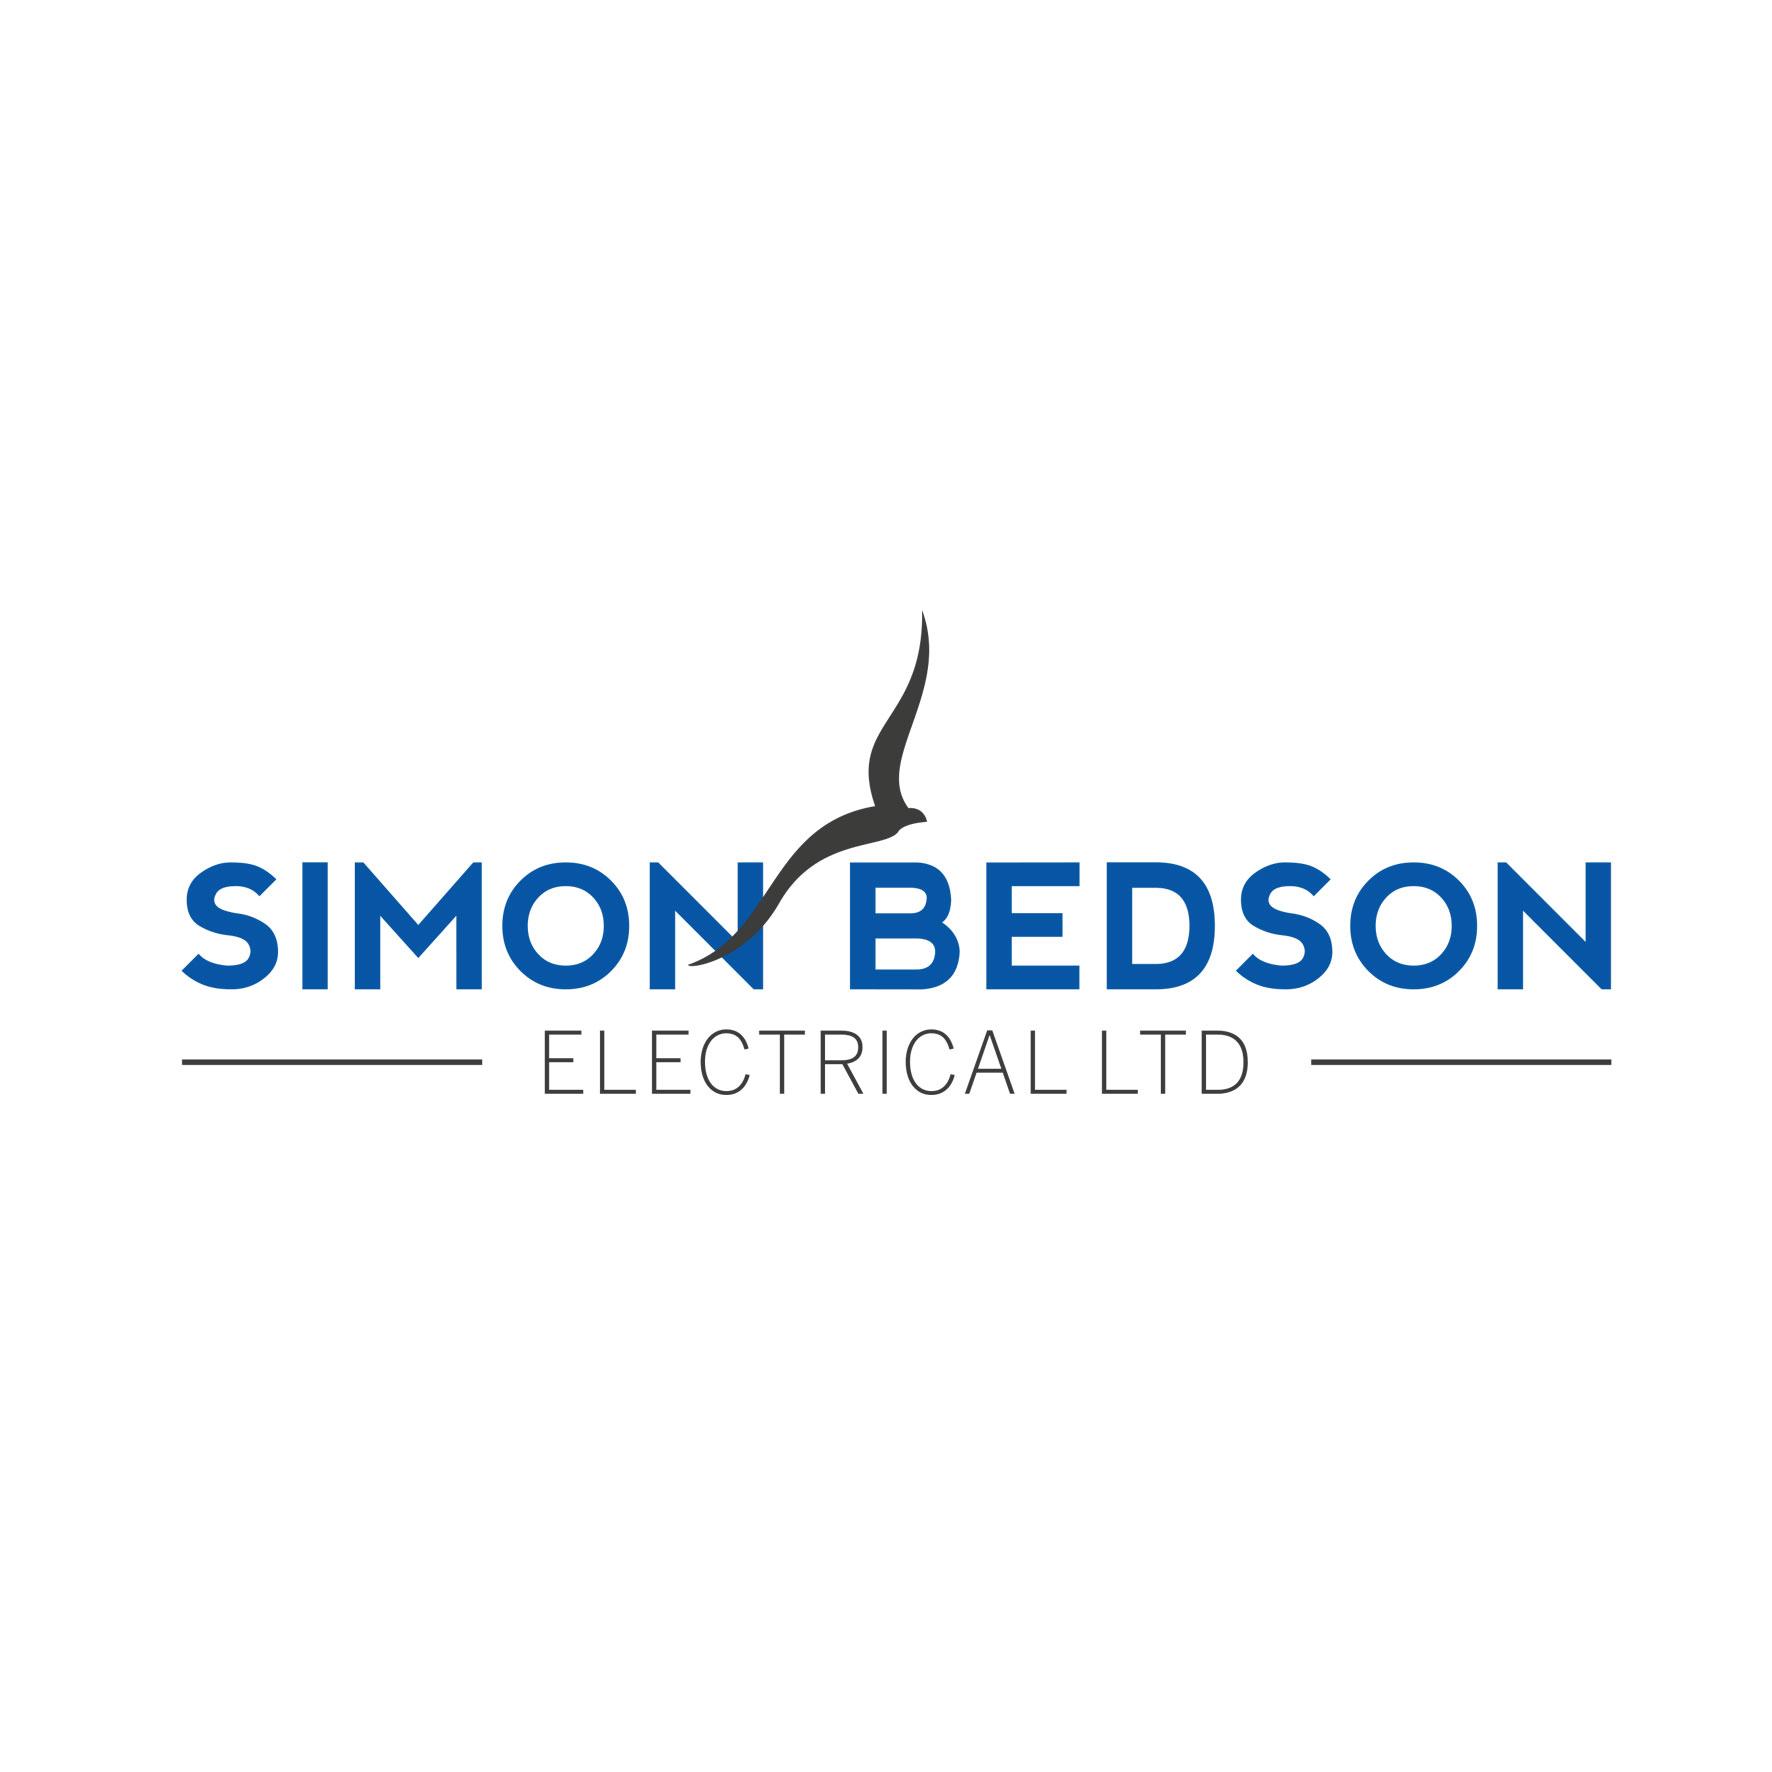 Simon Bedson Electrical Ltd